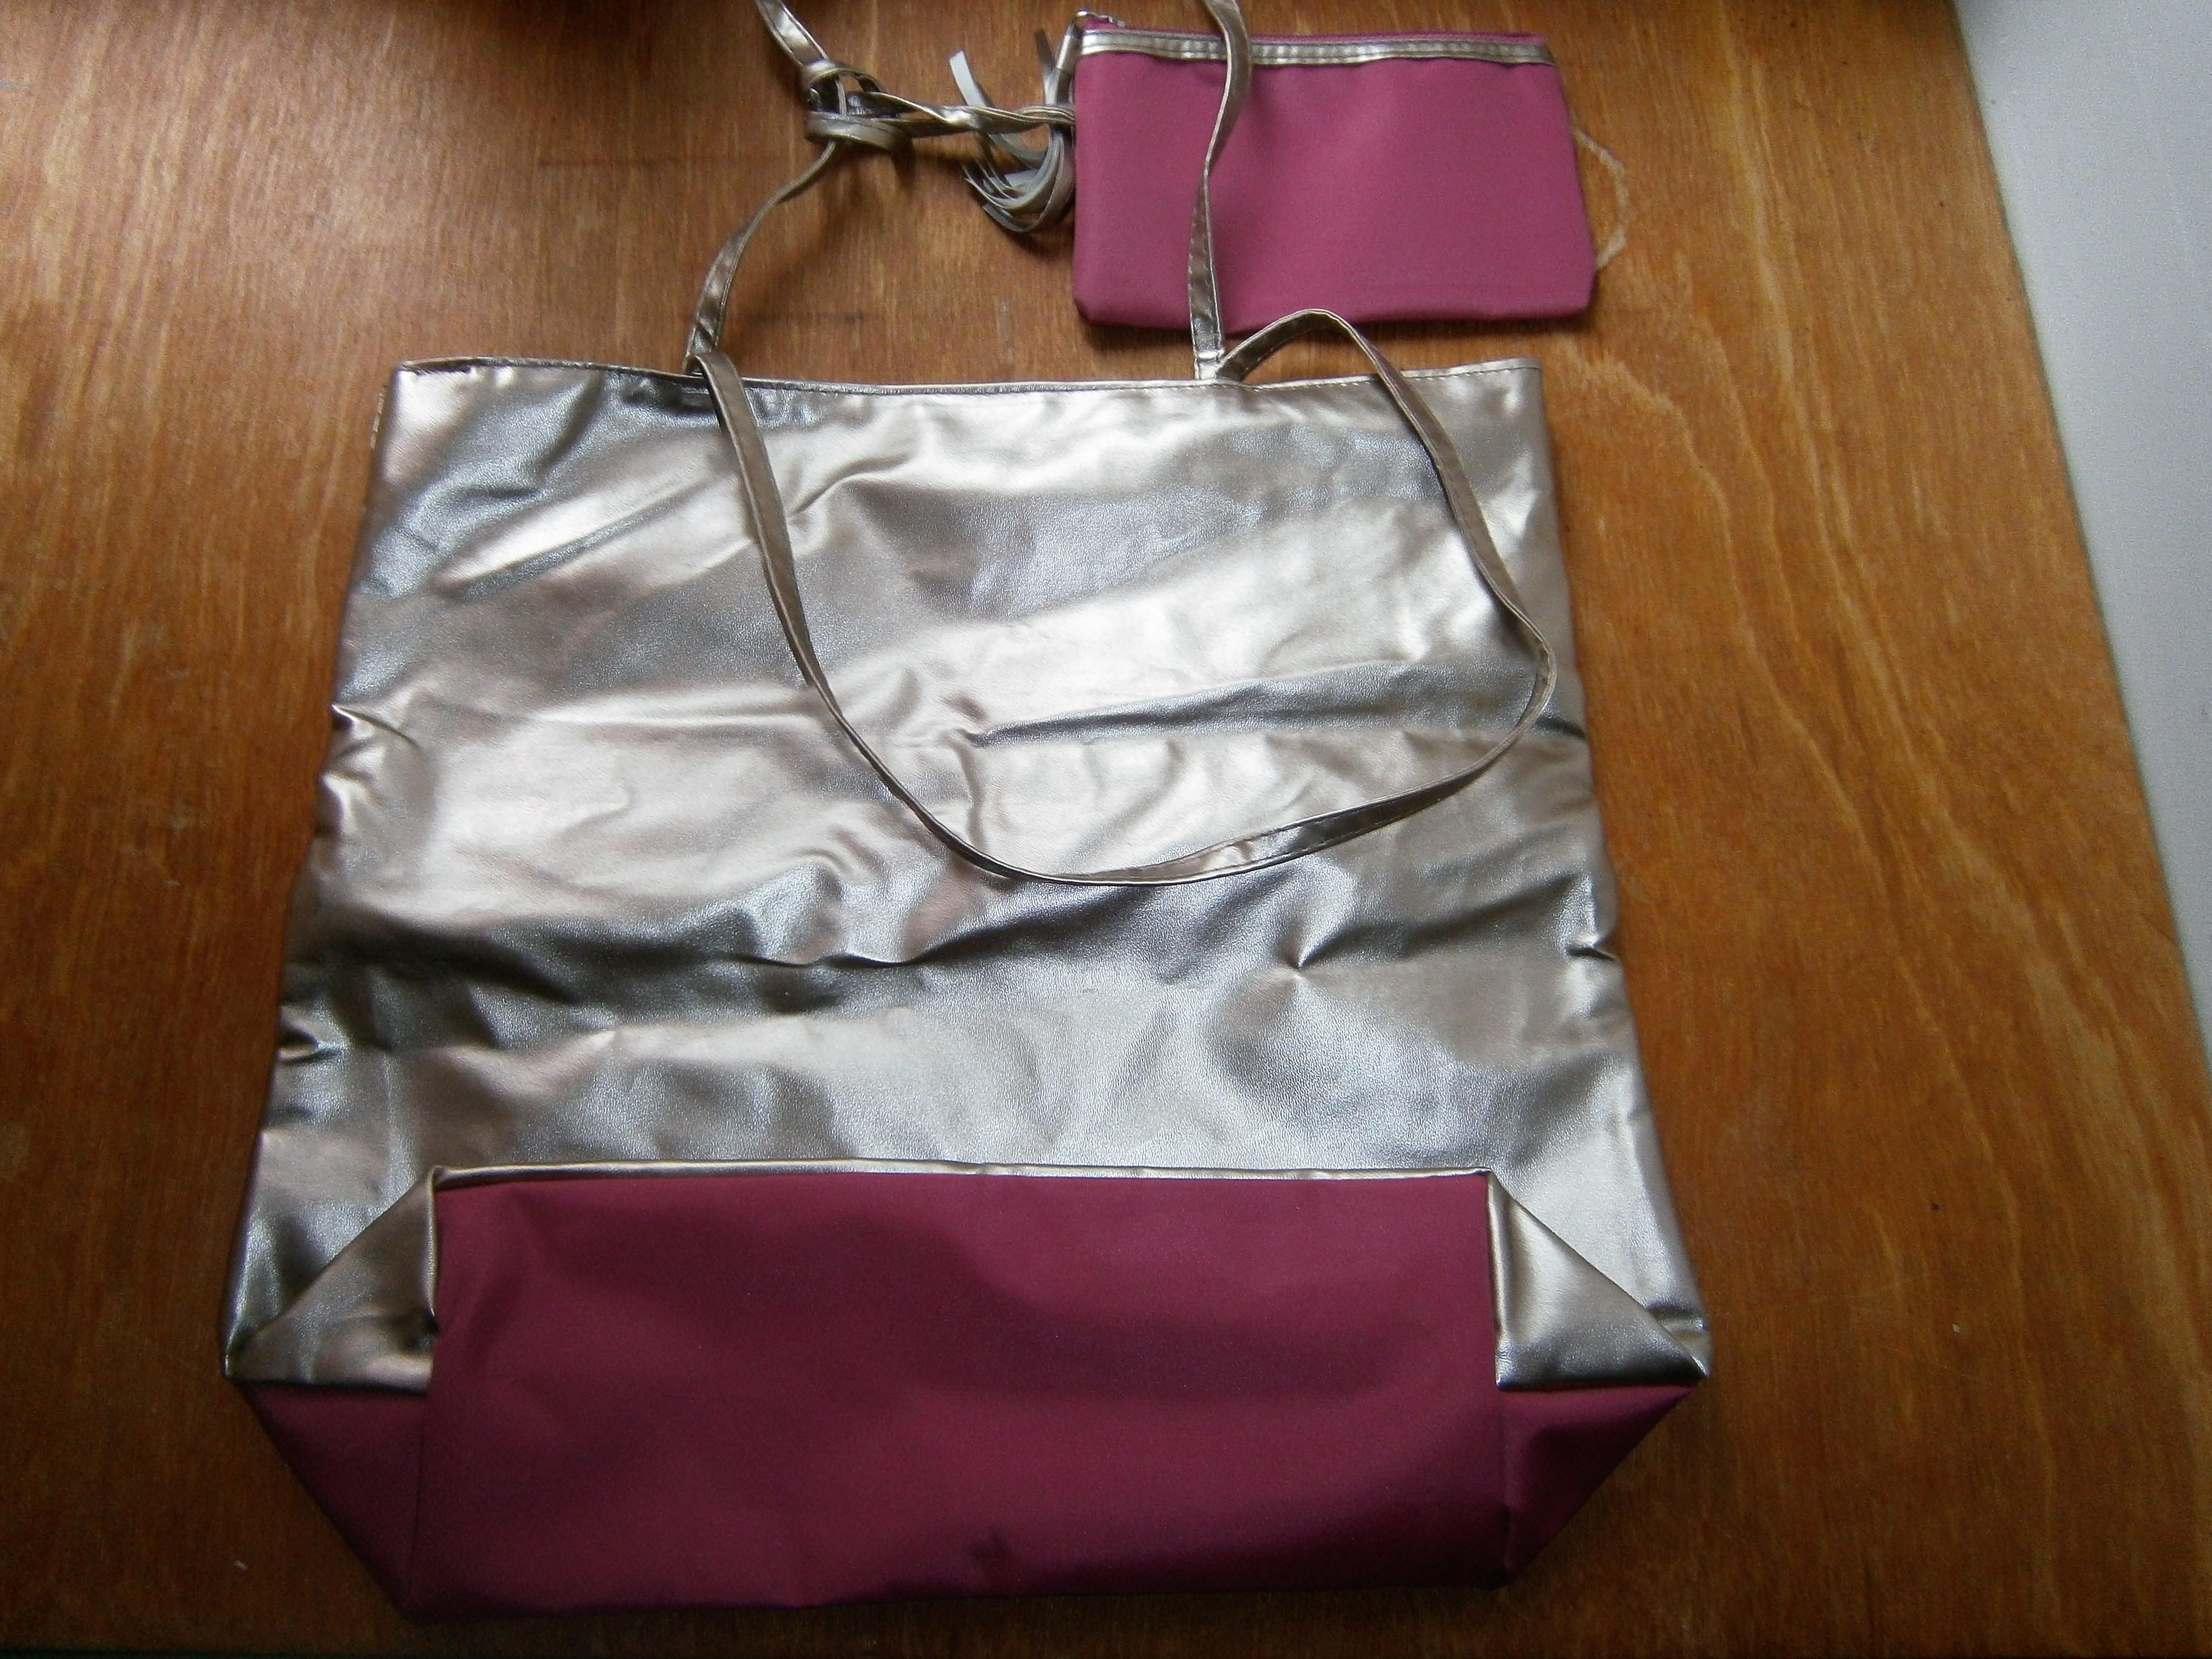 troc de troc sac et pochette rose et doré image 1